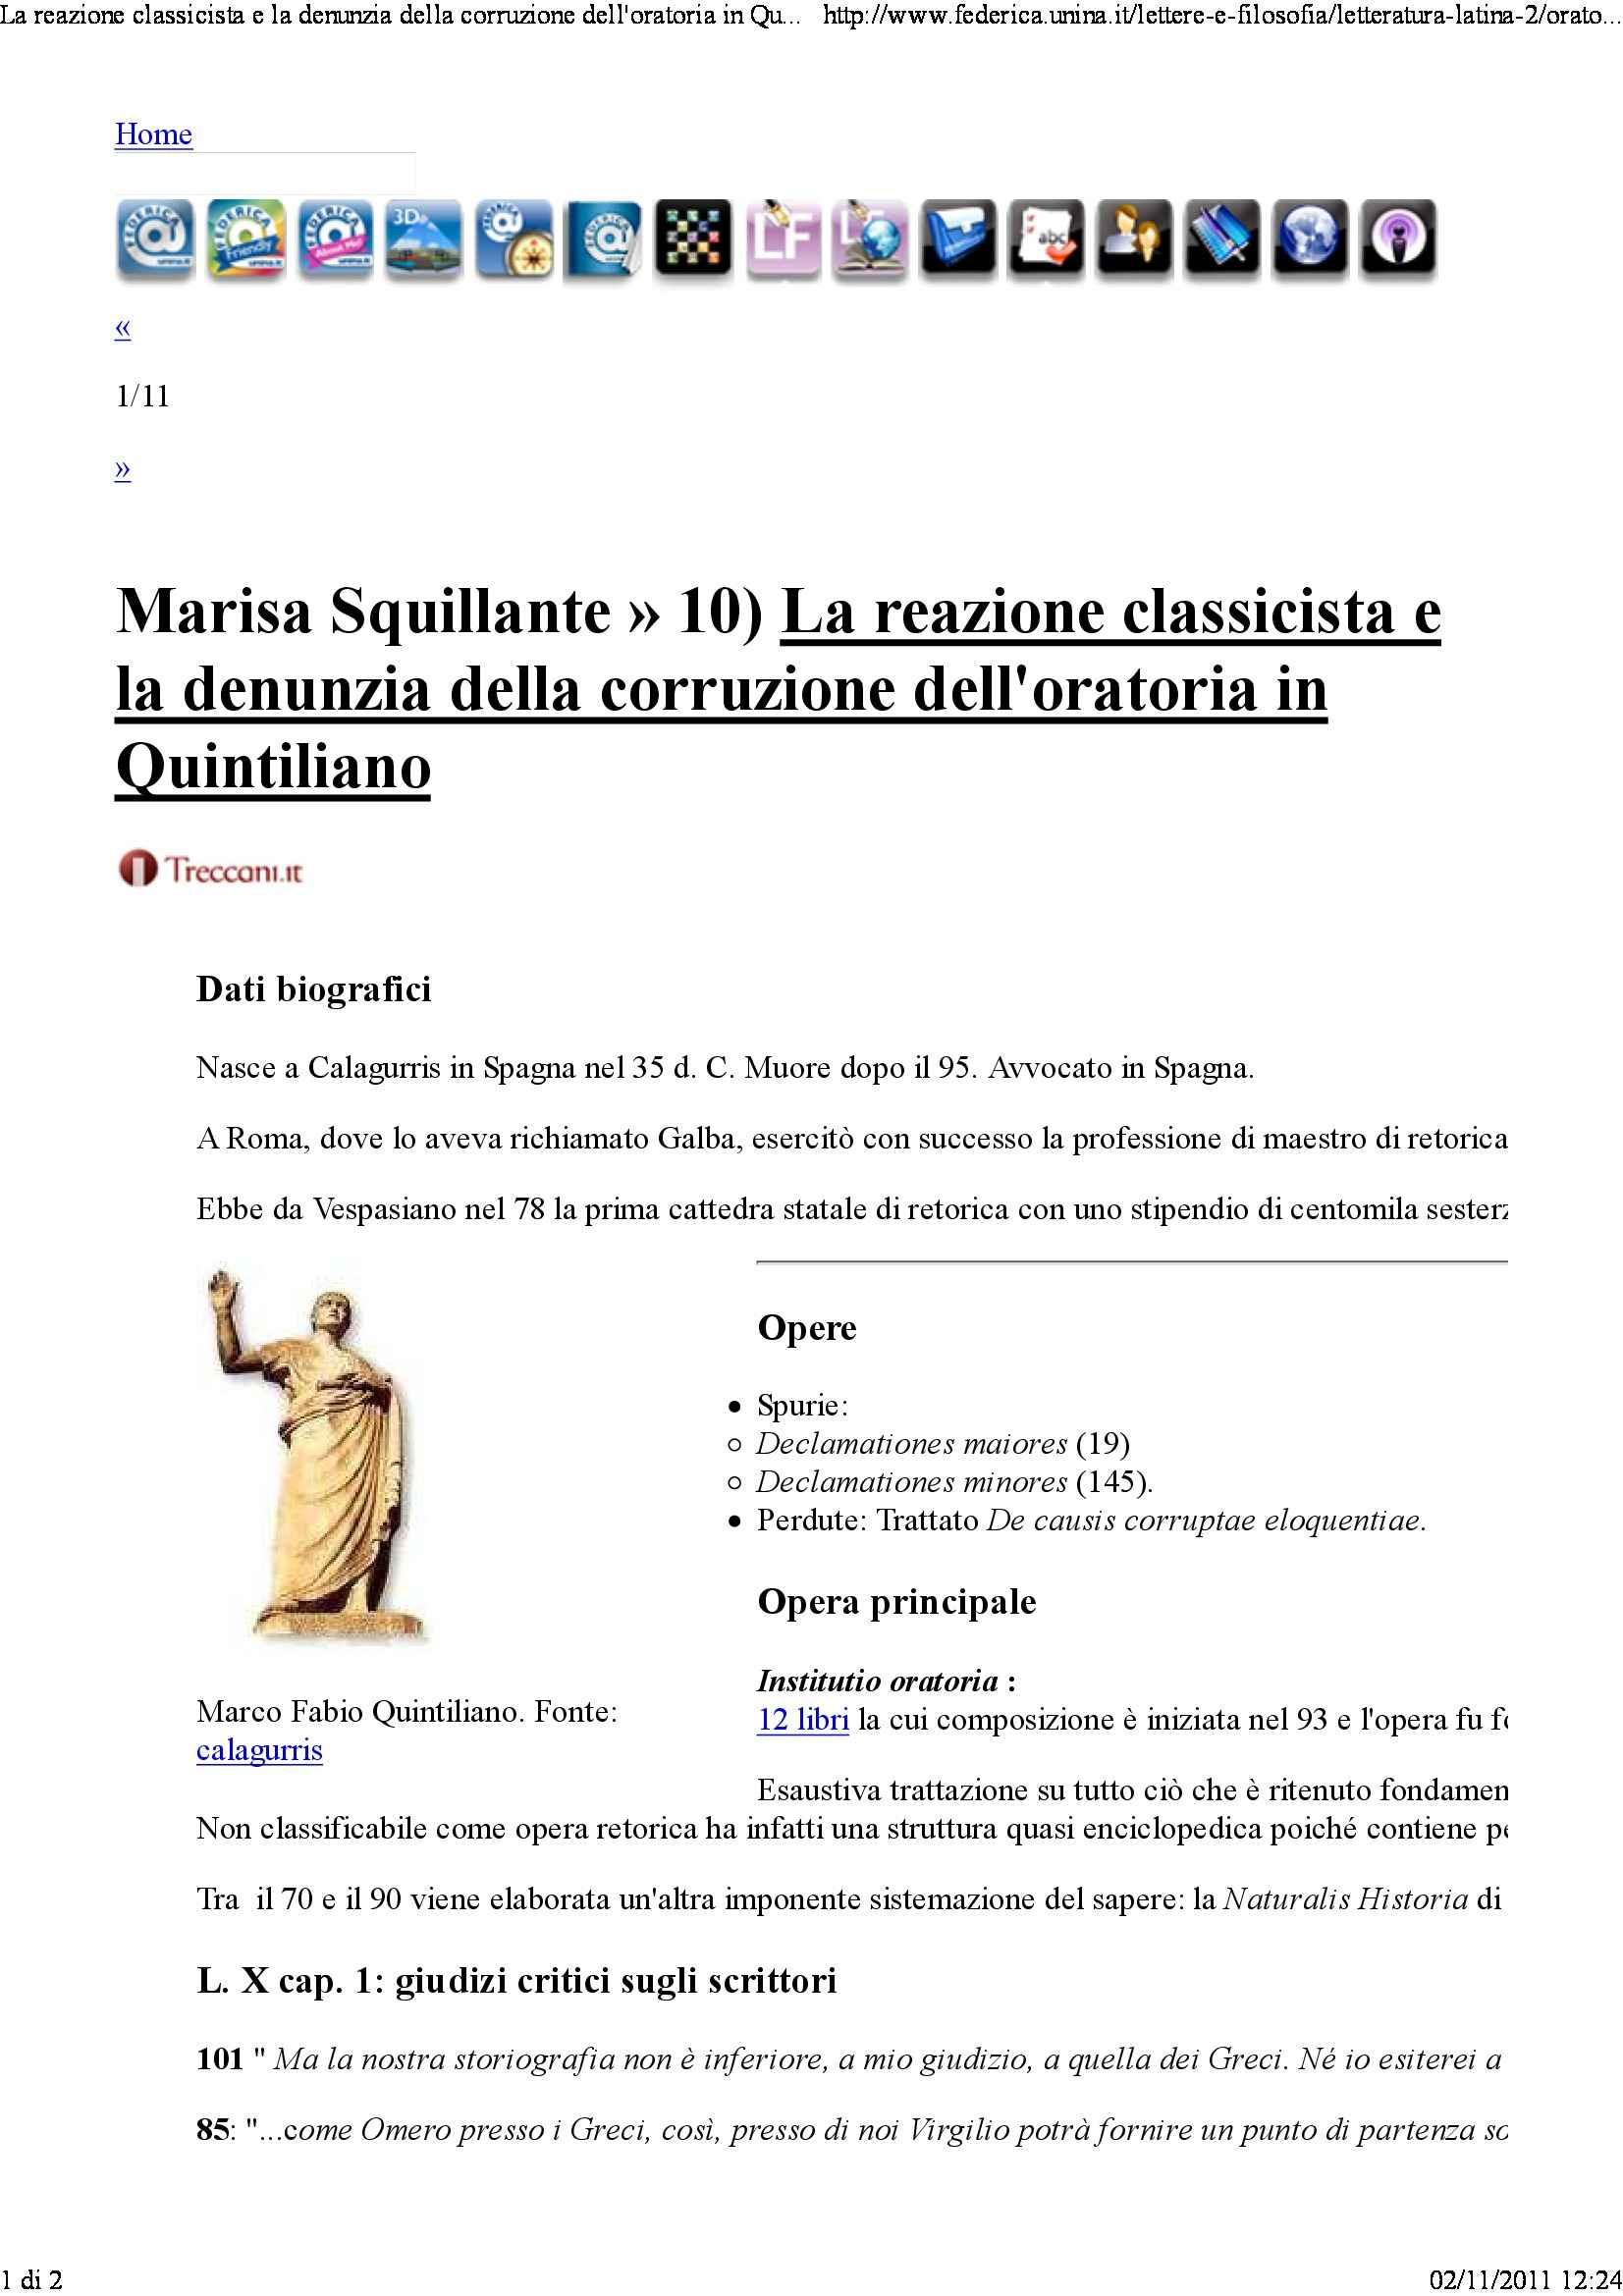 Quintiliano